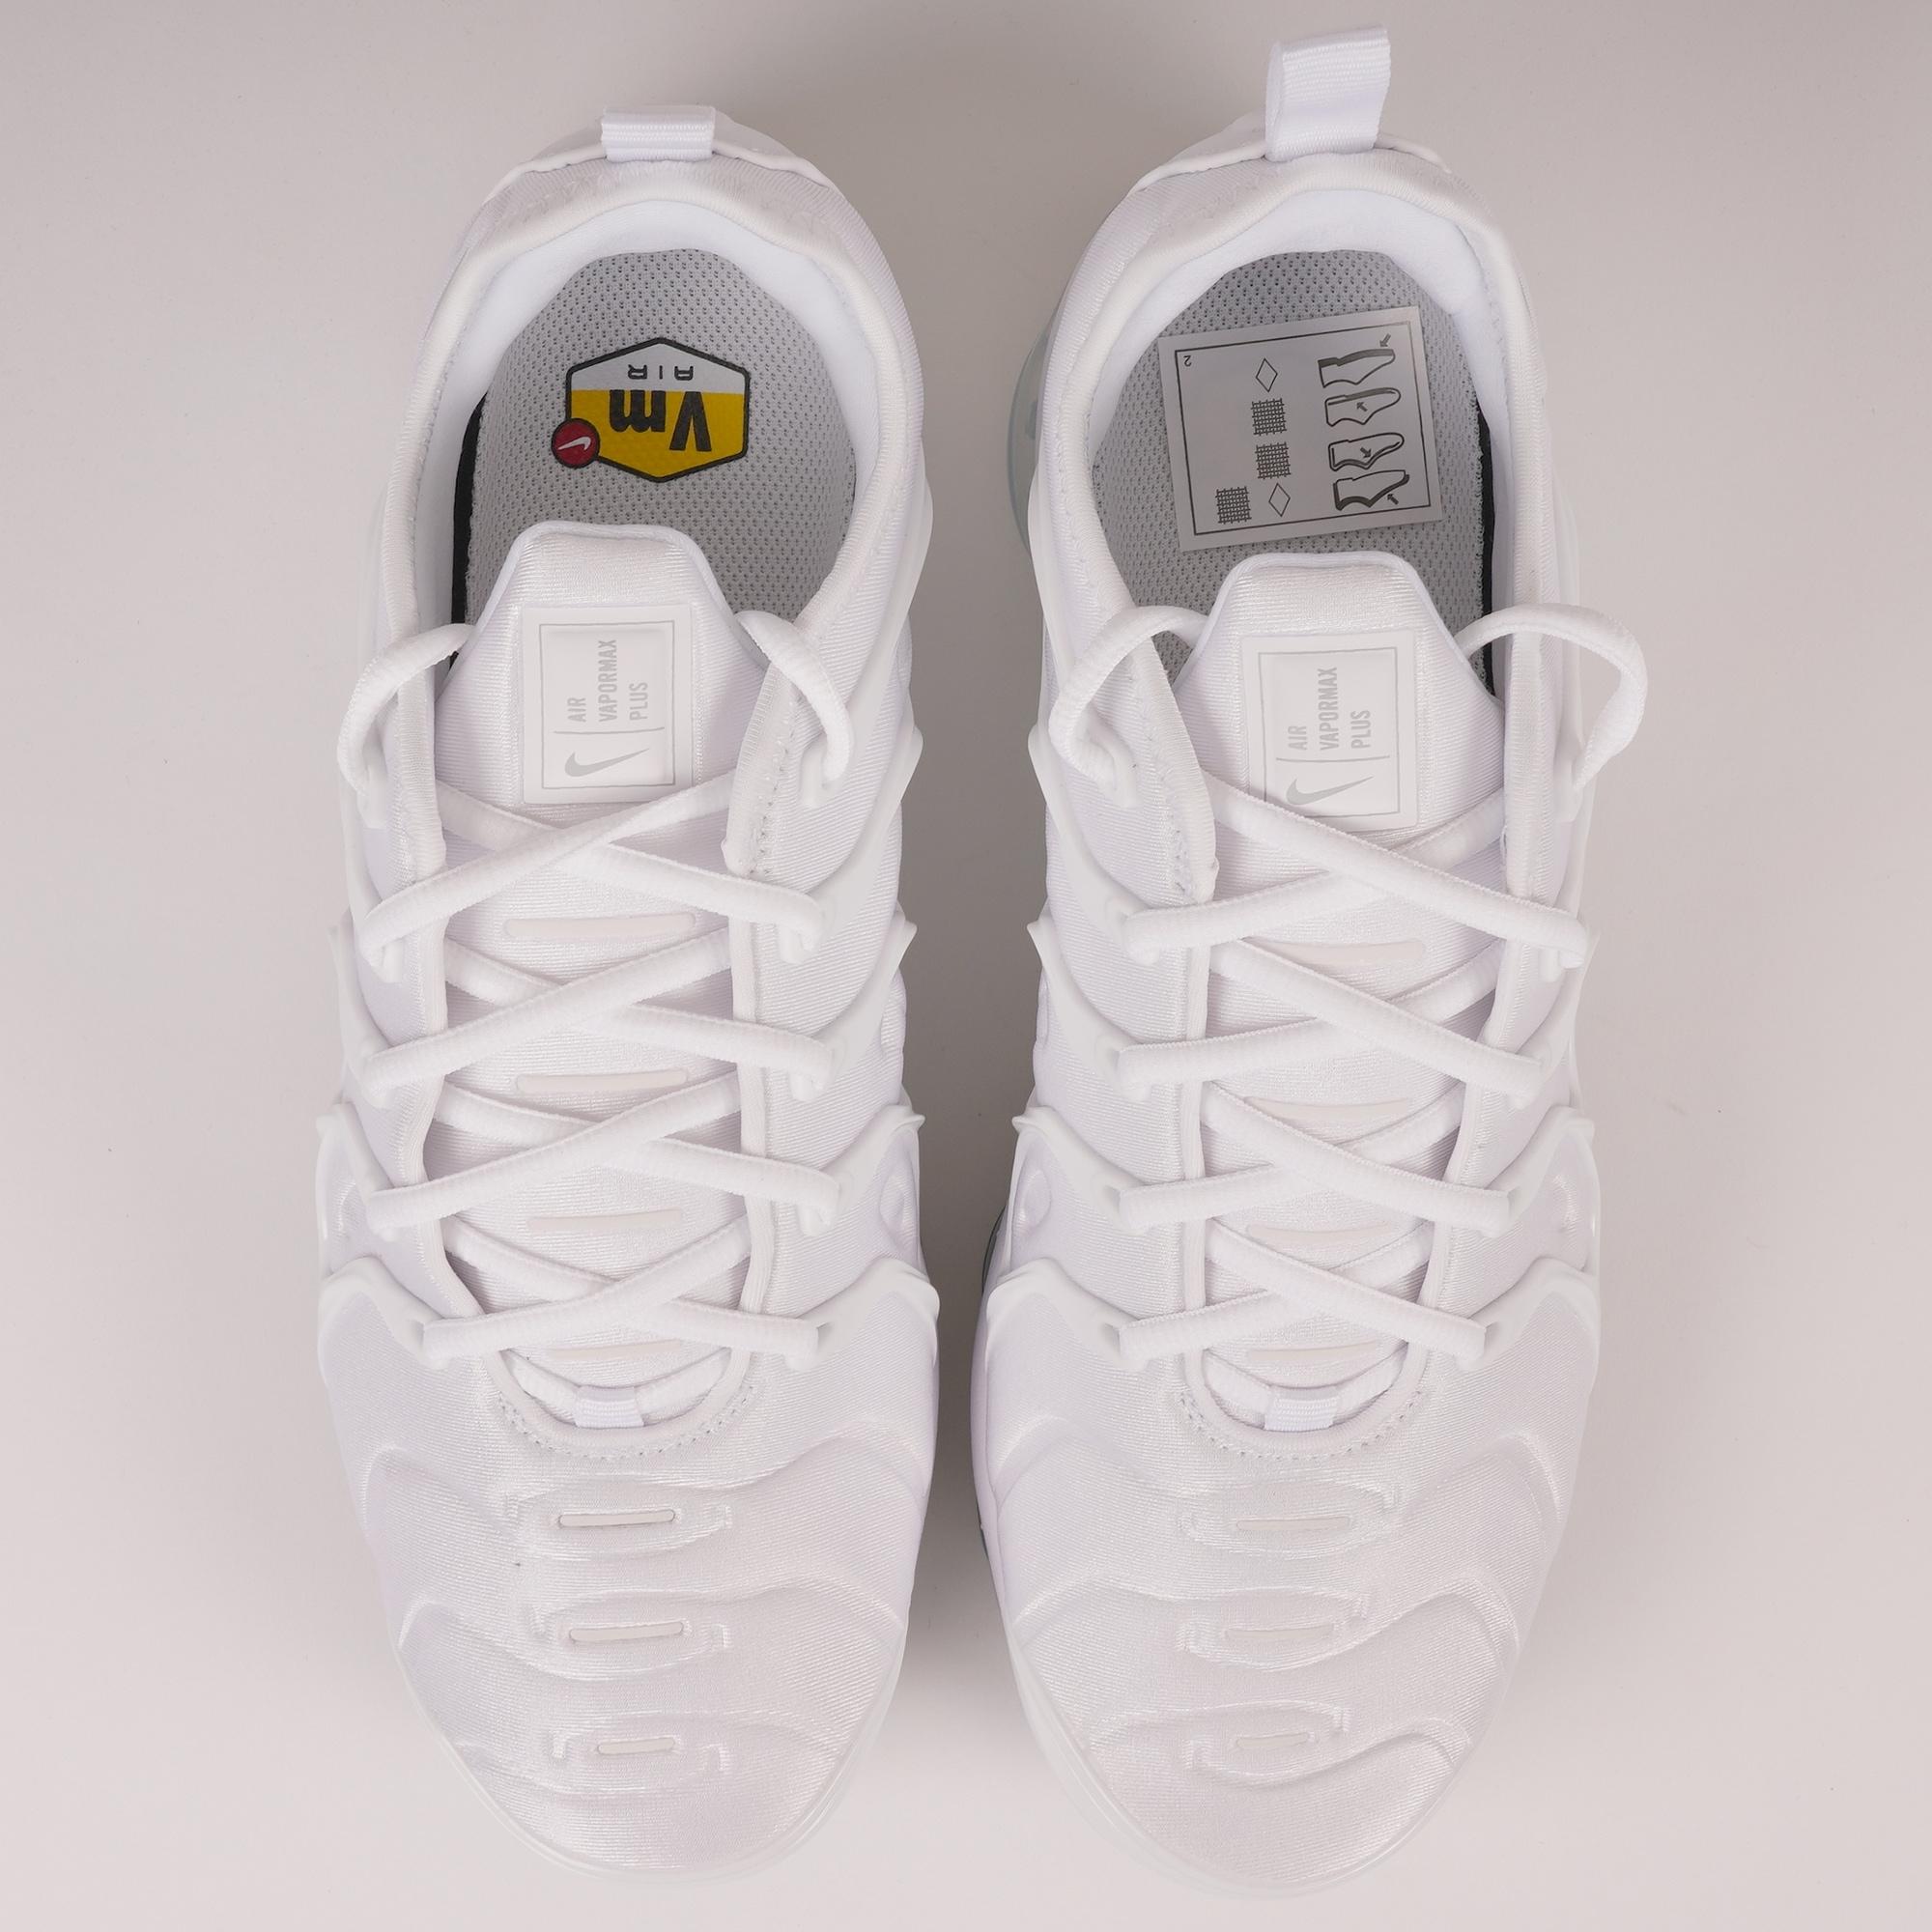 9a16a91548 Nike Air VaporMax Plus | White & Pure Platinum | 924453-100